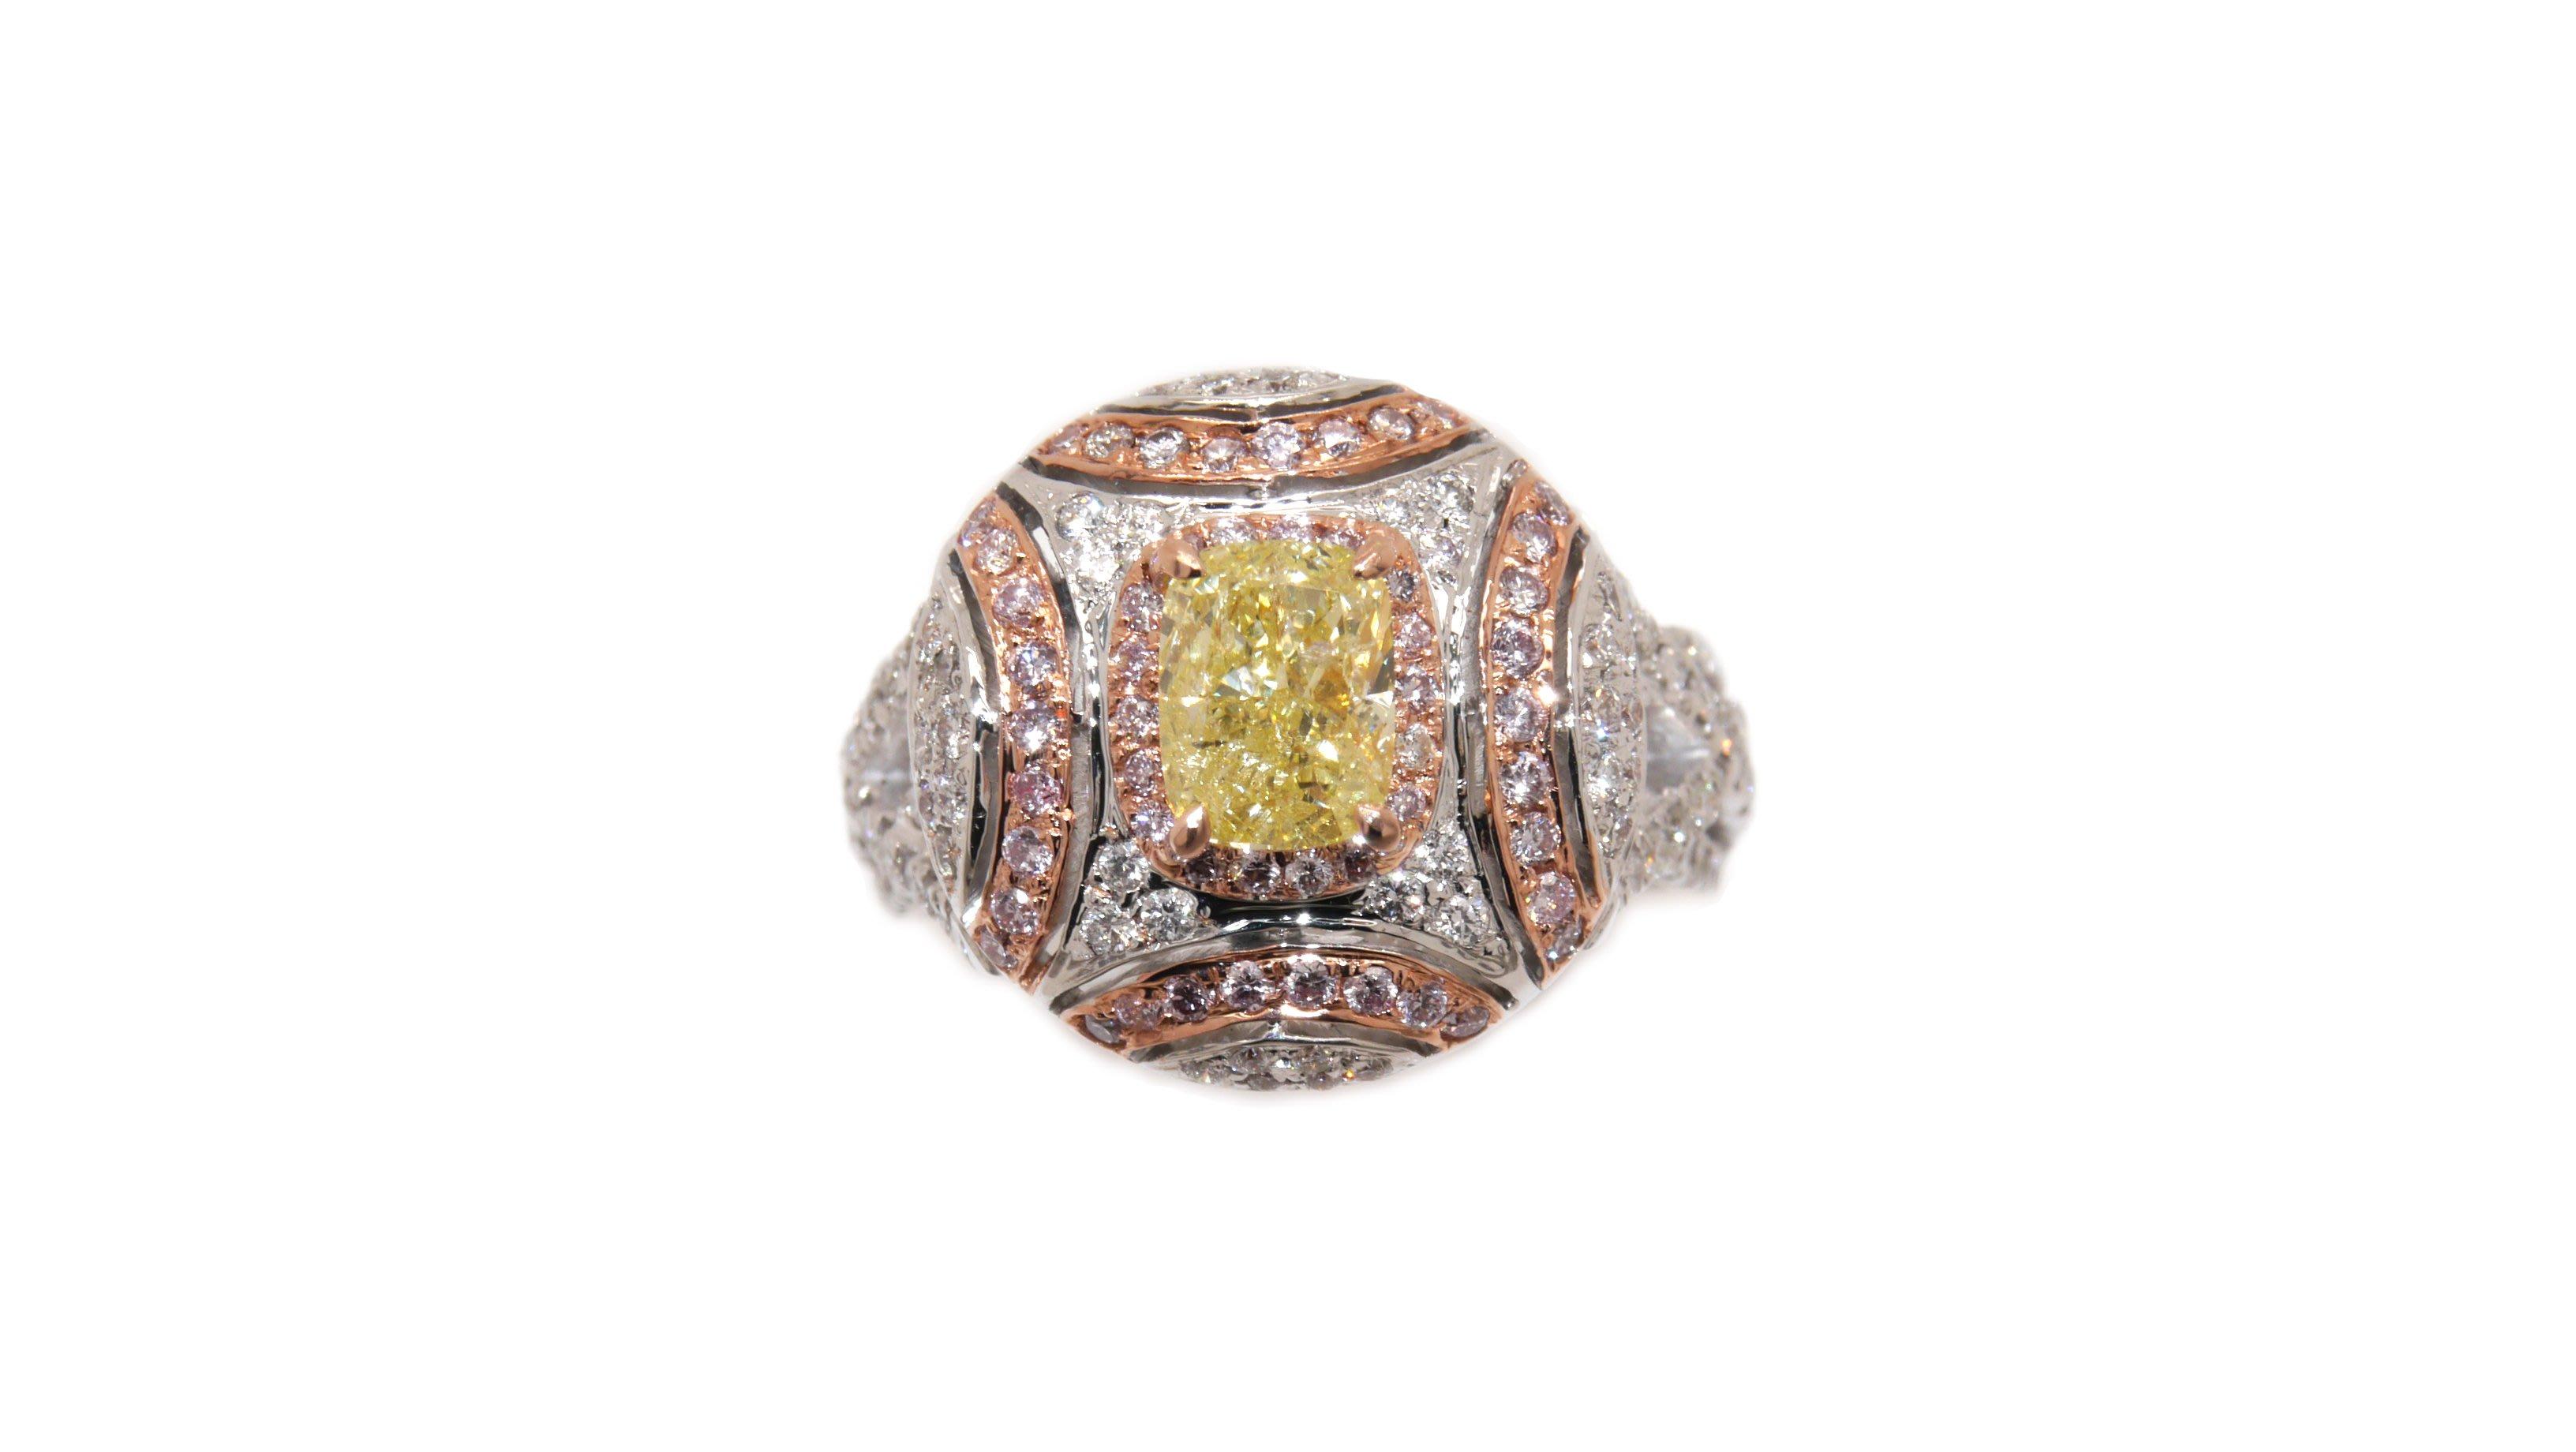 (國外展售中)GIA彩鑽 淺彩黃鑽 戒指 18K金 鑽戒 1.11克拉 fancy light yellow 閃亮珠寶